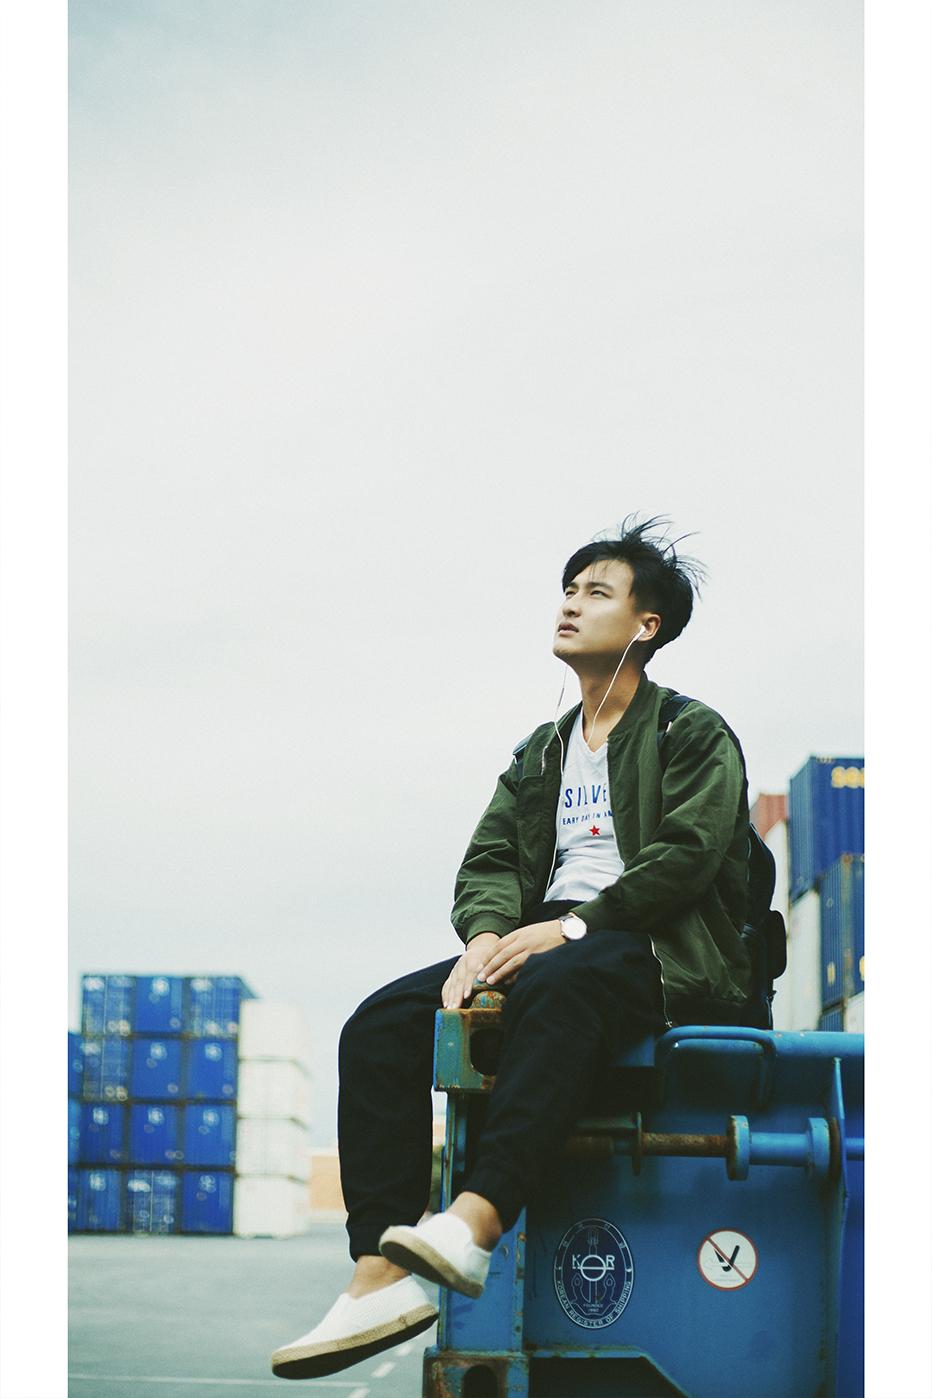 在这个连自拍都要美图的年代,我喜欢上了胶片。@PLATO_蜜月旅拍-菲林中文-独立胶片摄影门户!